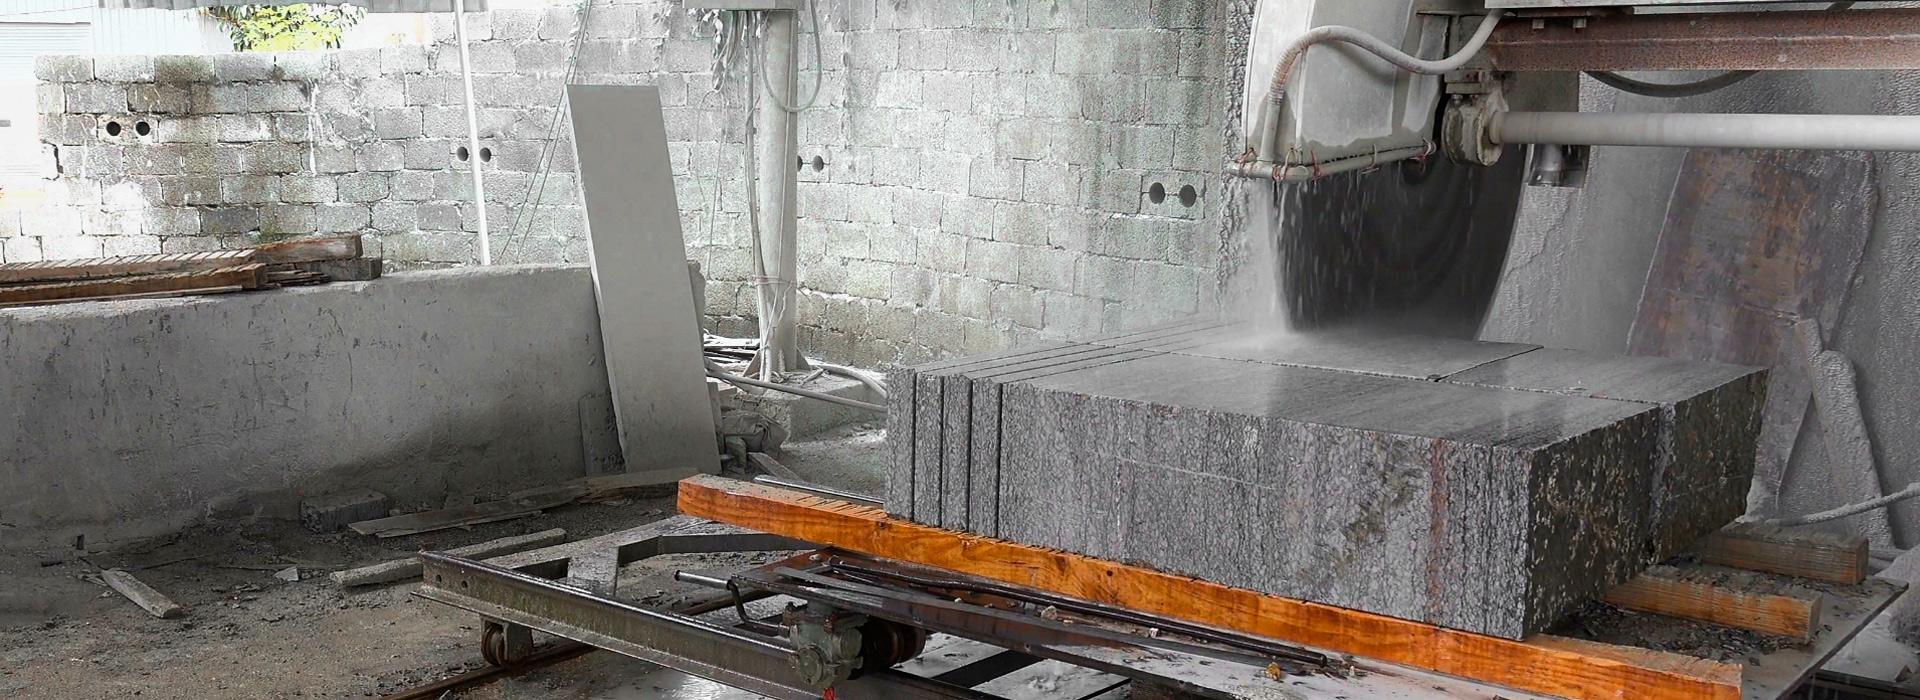 производство гранита и камнеобрабатывающий цех Украина